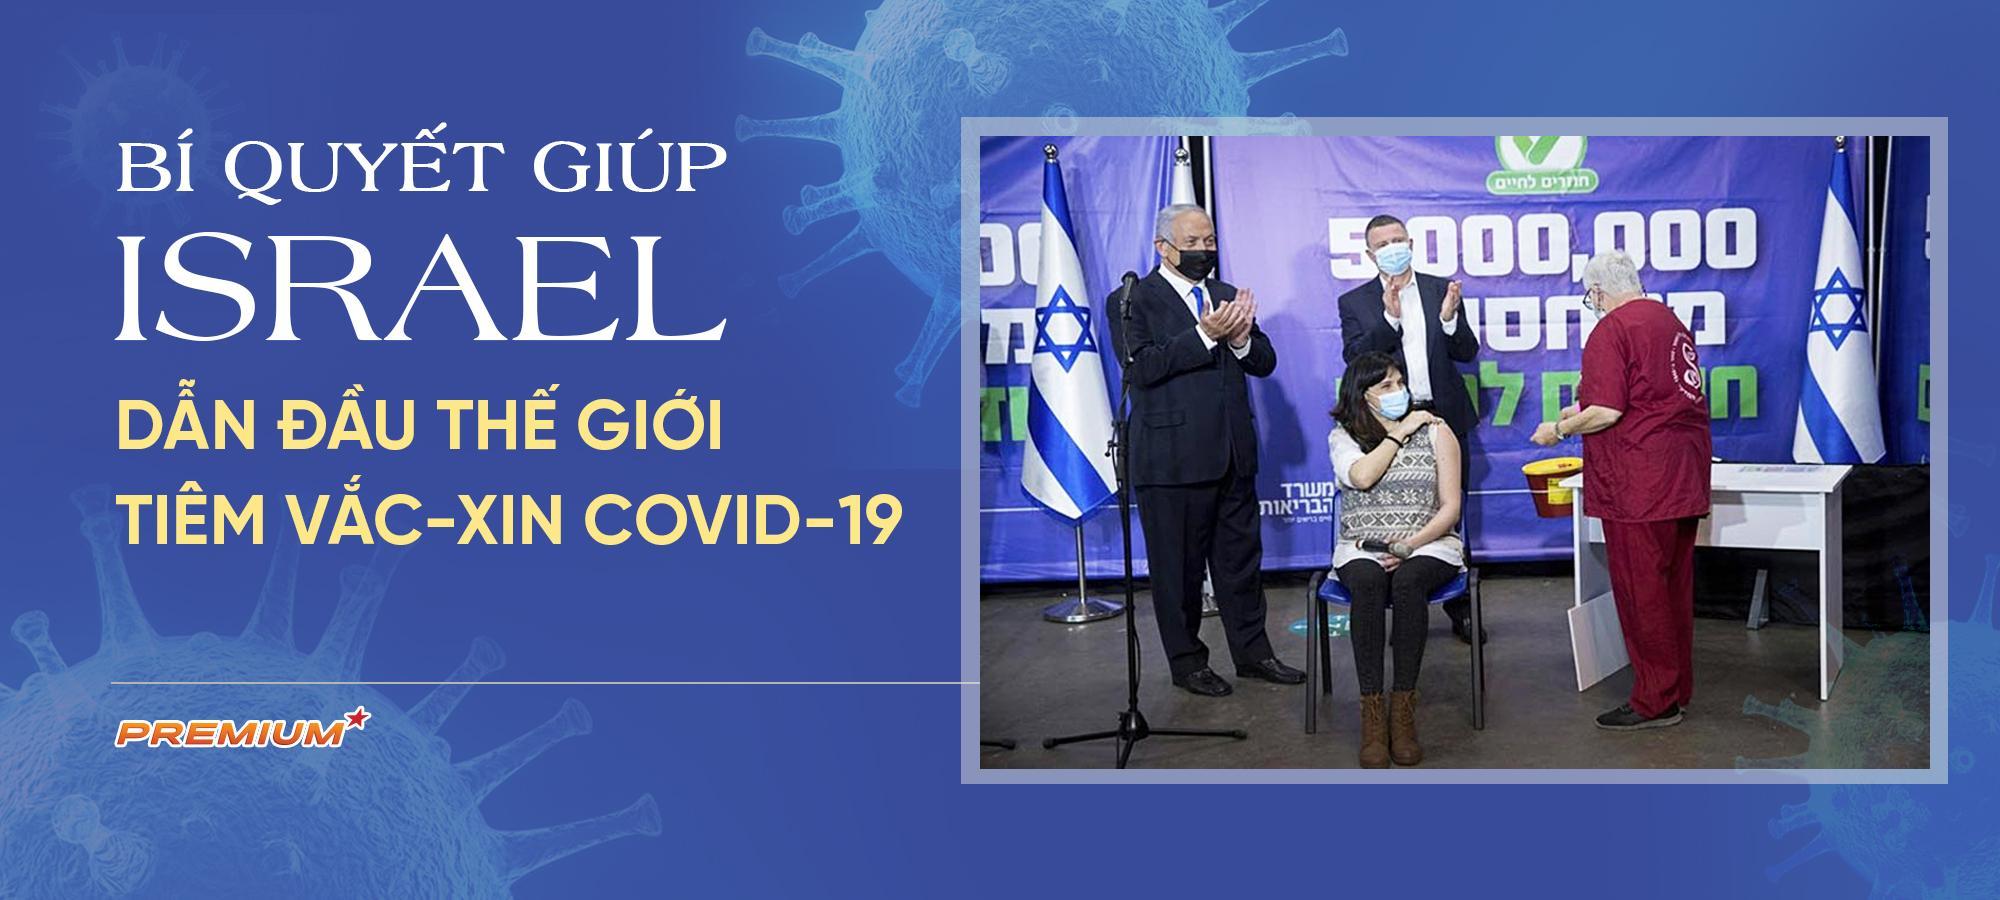 Bí quyết giúp Israel dẫn đầu thế giới tiêm vắc-xin Covid-19